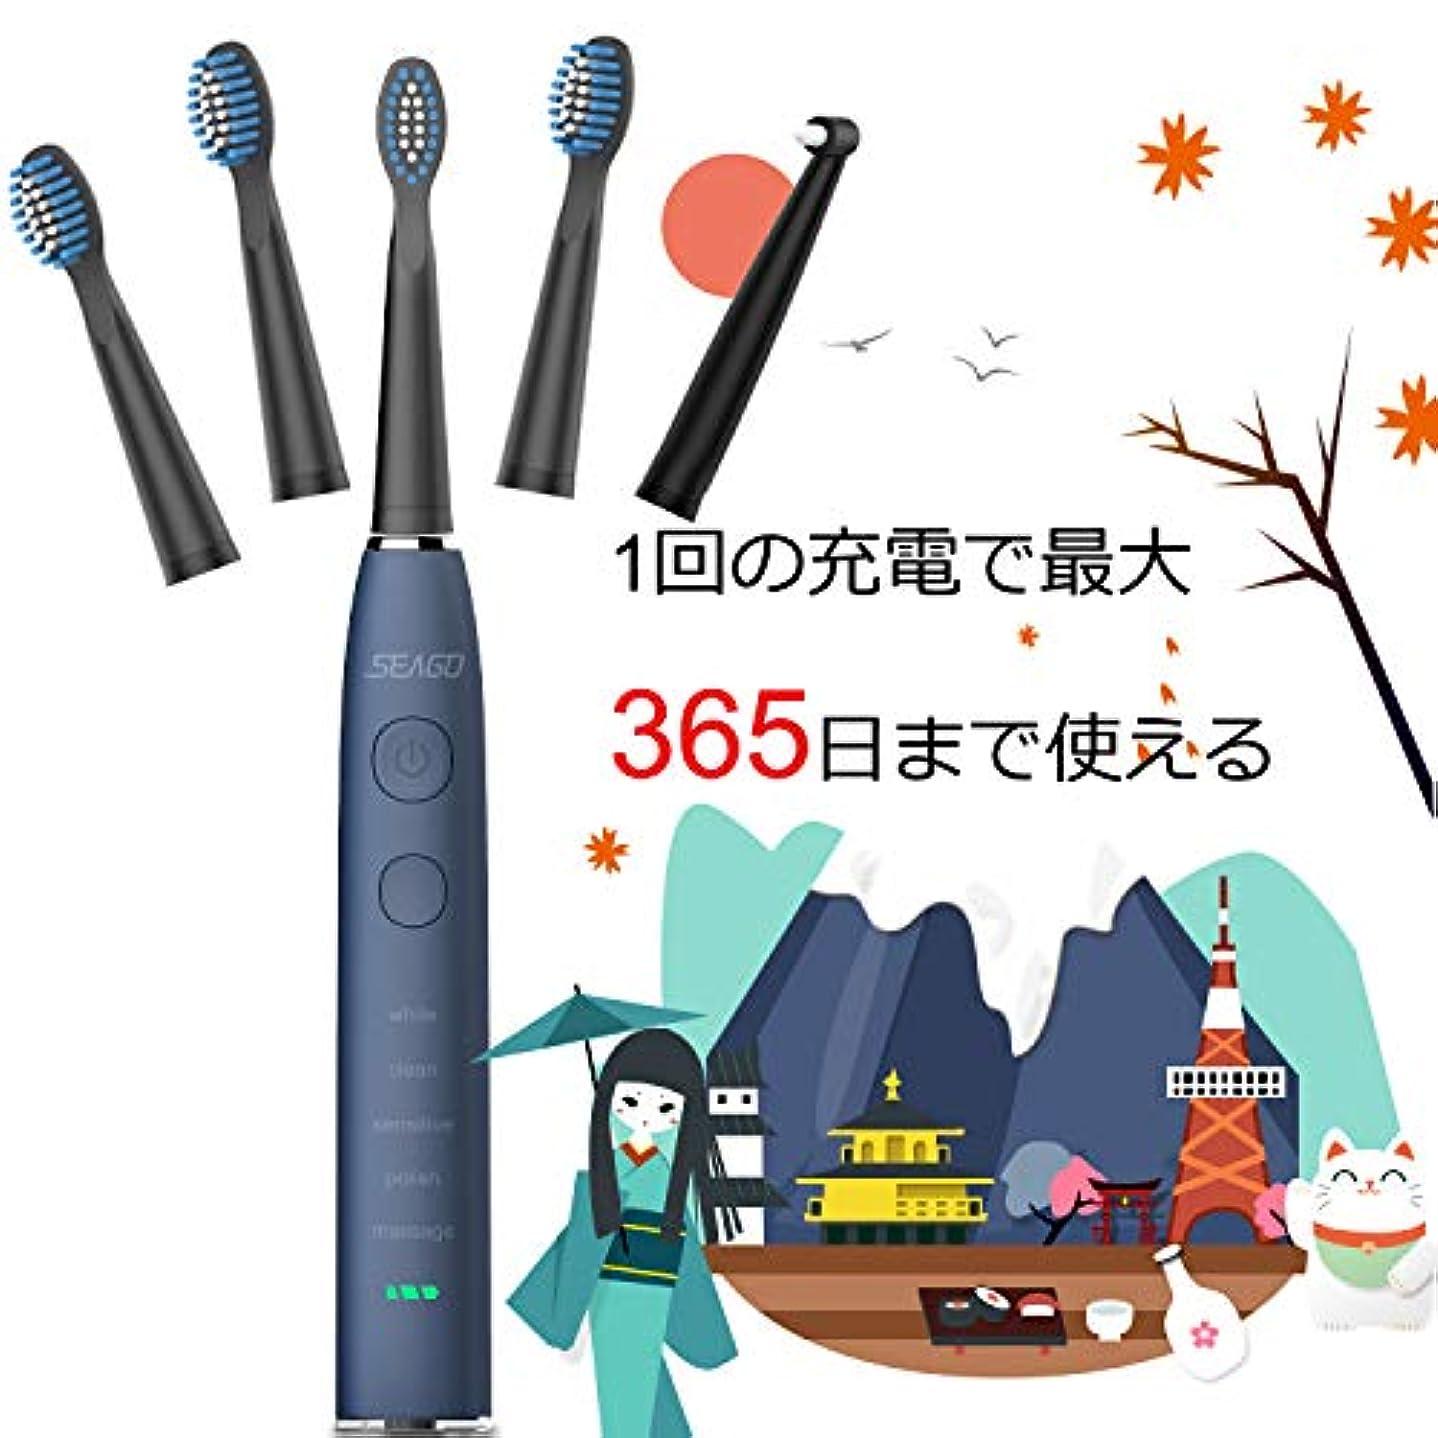 エジプトトピック呼び起こす電動歯ブラシ 歯ブラシ seago 音波歯ブラシ USB充電式8時間 365日に使用 IPX7防水 五つモードと2分オートタイマー機能搭載 替えブラシ5本 12ヶ月メーカー保証 SG-575(ブルー)